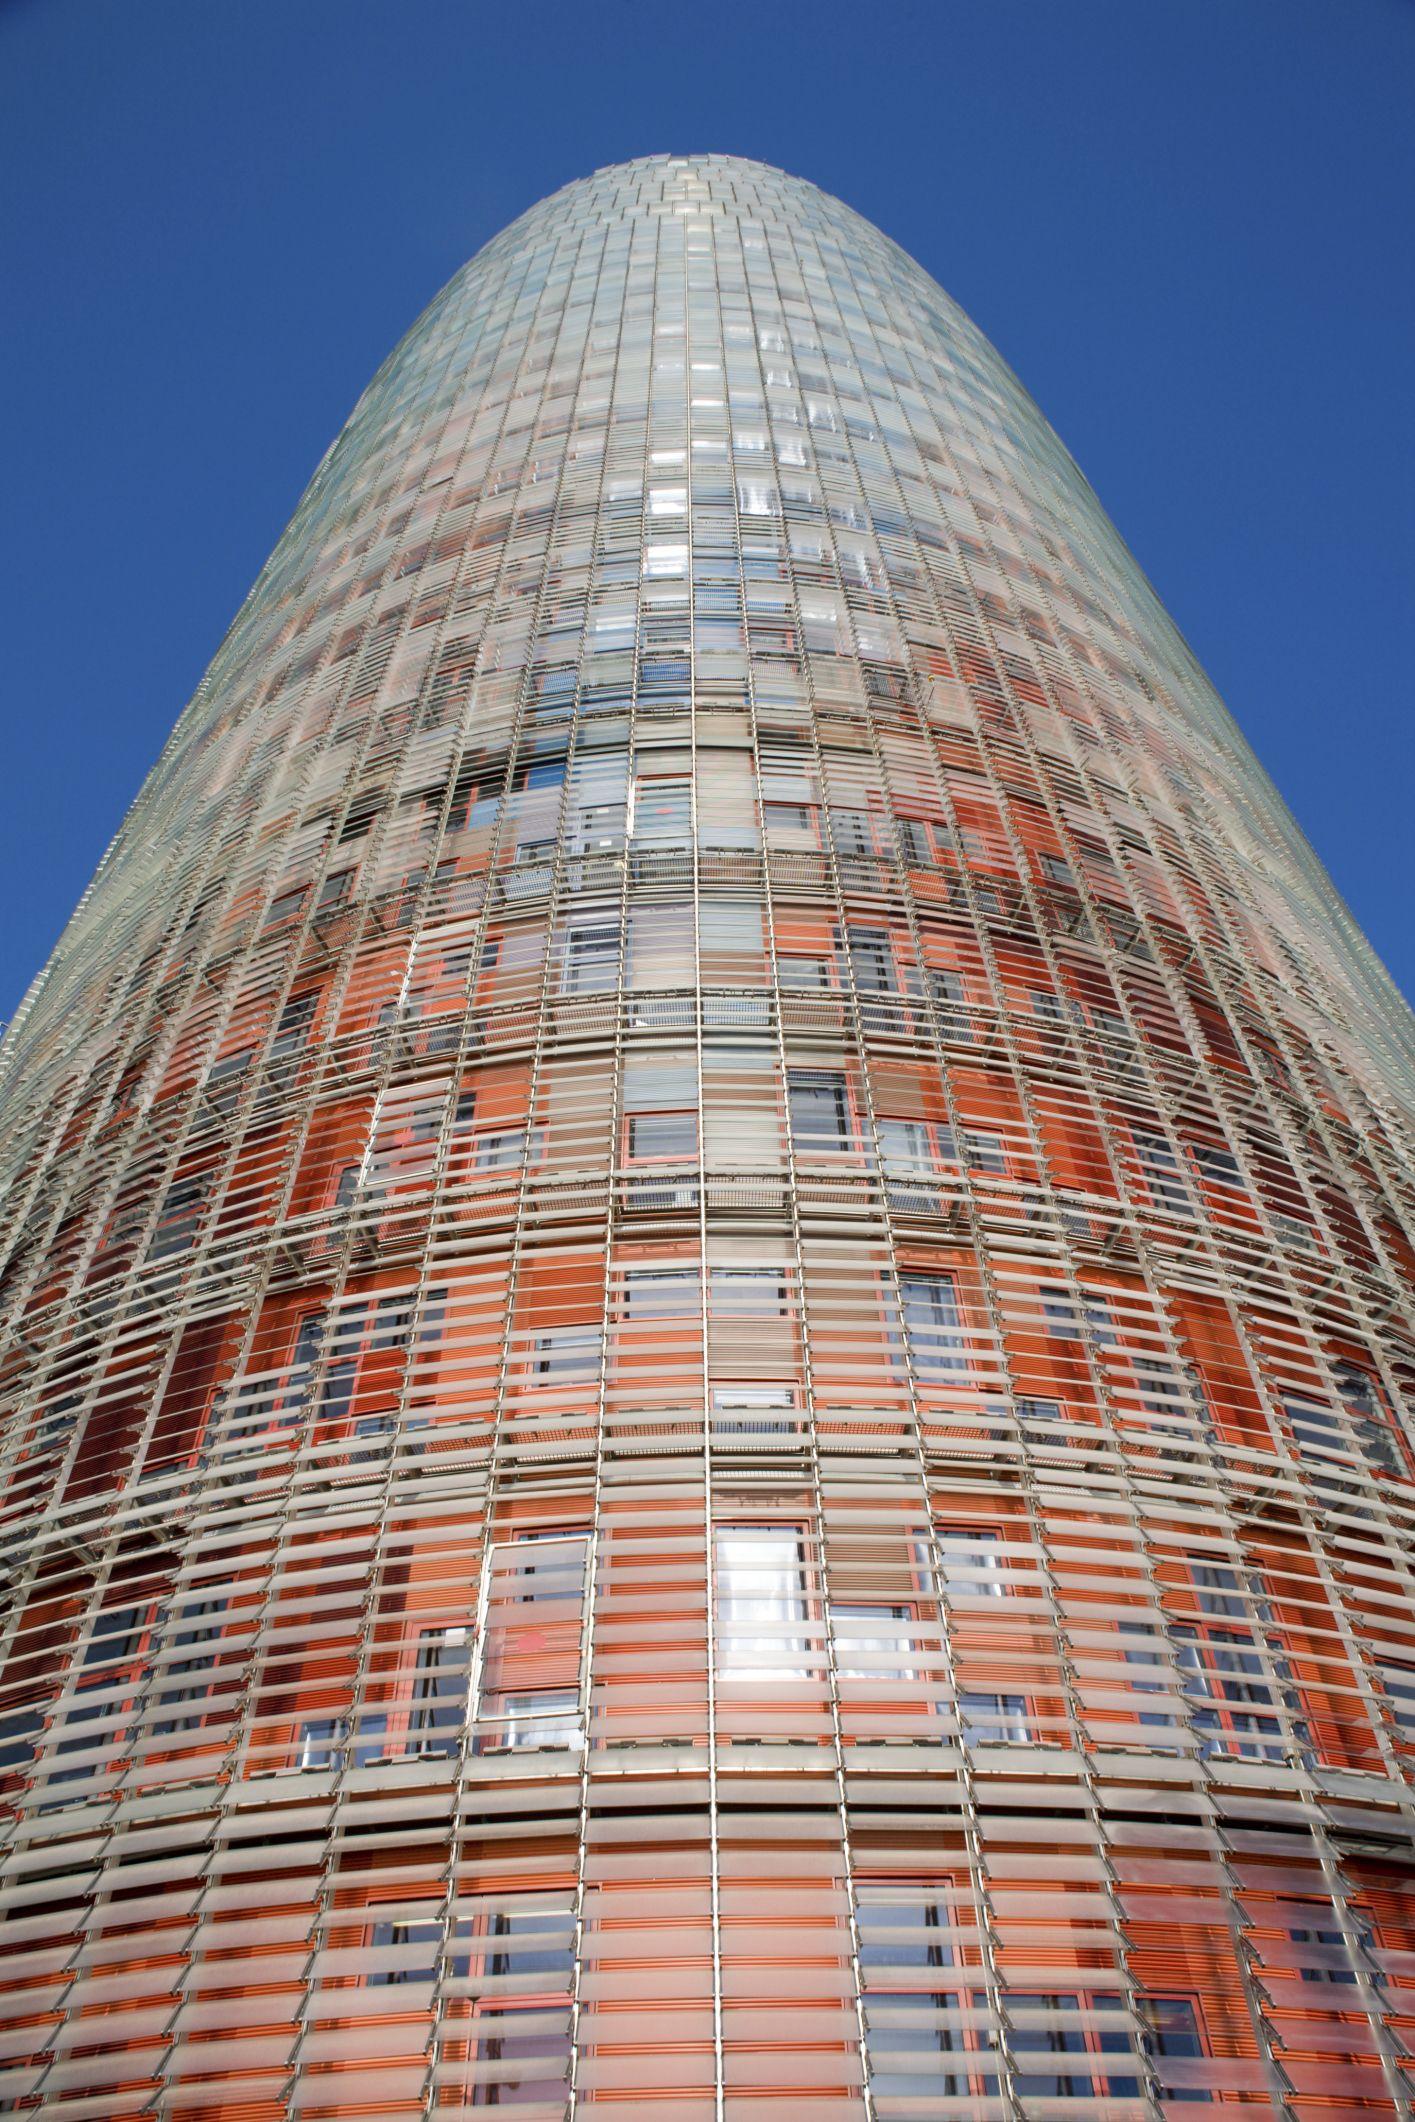 Transparencias, luz y sombras en contraste perfecto. Torre Agbar, Barcelona. Diseñado por Jean Nouvel.